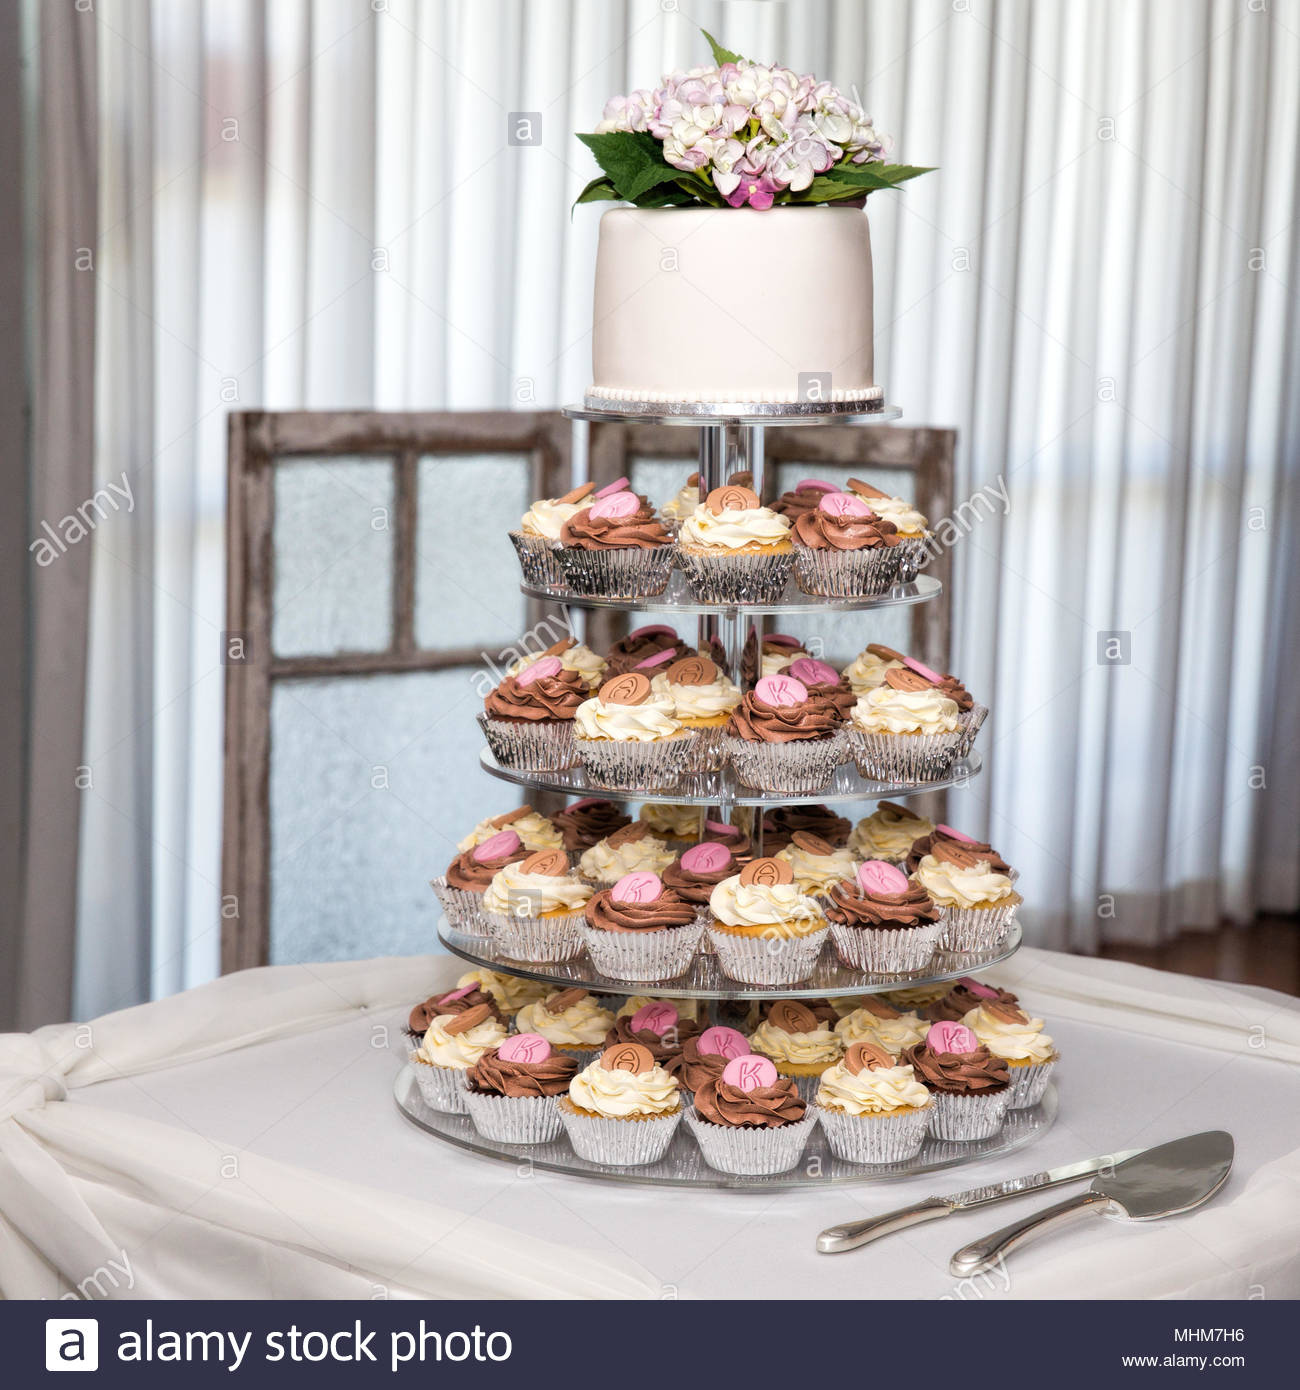 Stufe Der Cupcakes Und Hochzeit Kuchen Gekront Mit Blumen Stockfoto